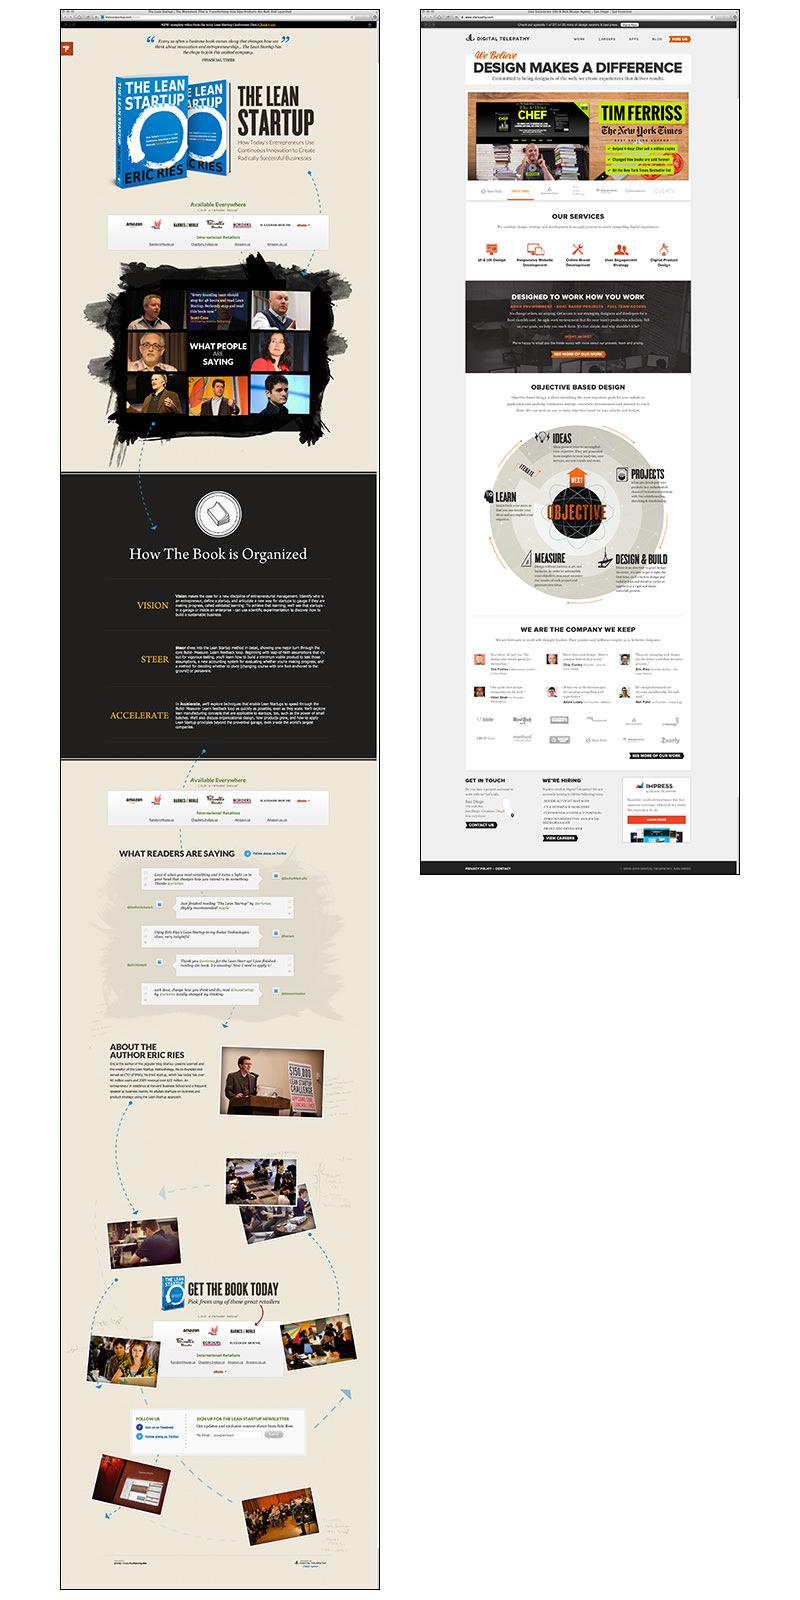 「リーン・スタートアップ(The Lean Startup)」のランディングページと、制作を担当したデザインエージェンシー「Digital Telepathy」のサイト